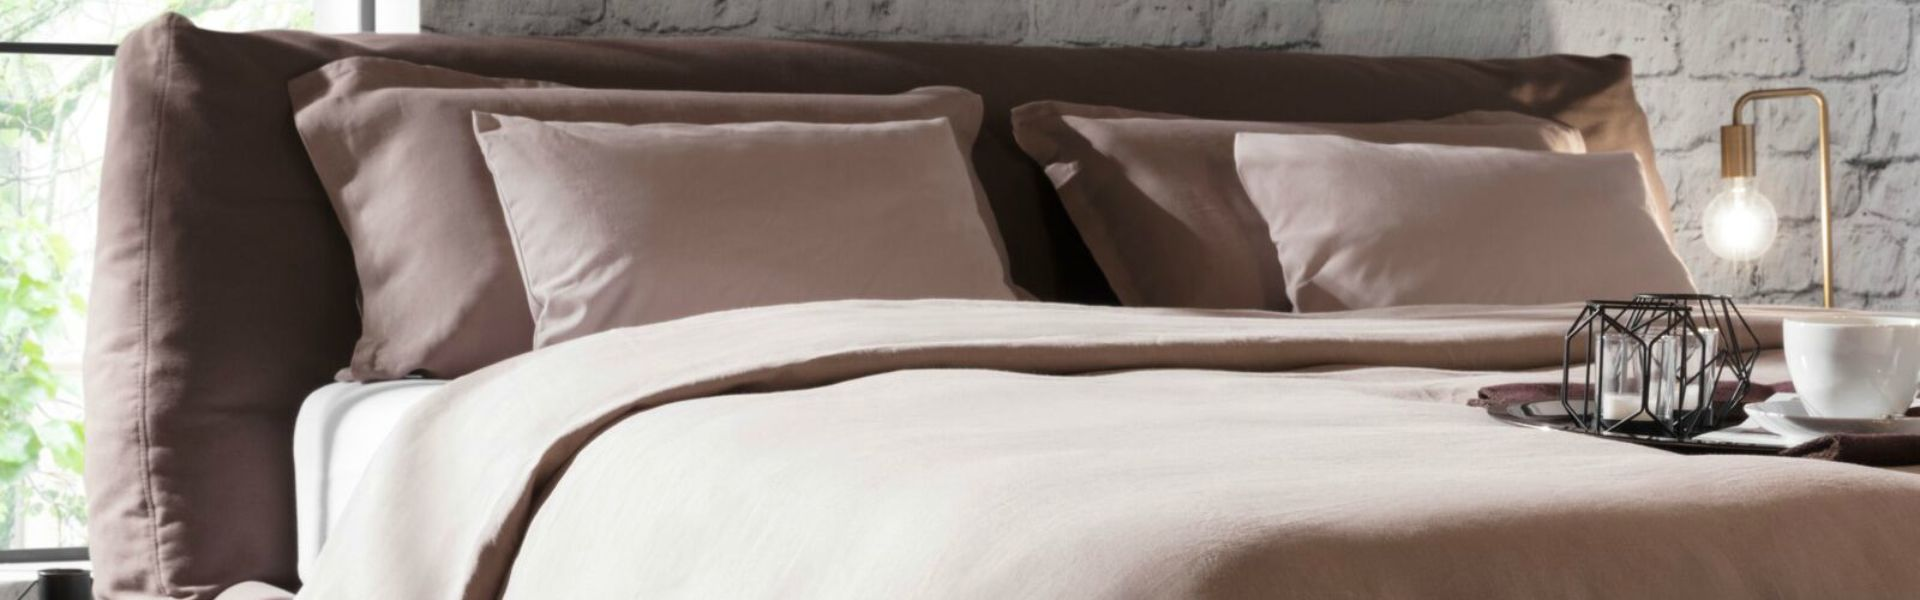 bettdecken kaschmir schlafzimmer mit arbeitsplatz einrichten g nstige schlafsofas ikea kleines. Black Bedroom Furniture Sets. Home Design Ideas